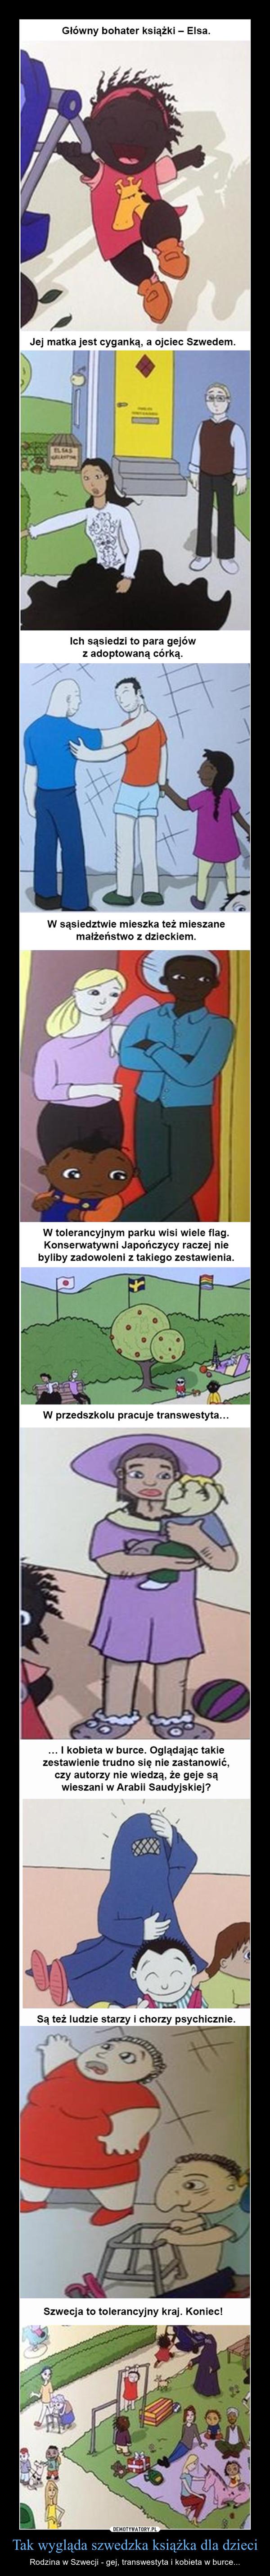 Tak wygląda szwedzka książka dla dzieci – Rodzina w Szwecji - gej, transwestyta i kobieta w burce... Główny bohater książki — Elsa. Jej matka jest cyganką, a ojciec Szwedem. Ich sąsiedzi to para gejów z adoptowaną córką. W sąsiedztwie mieszka też mieszane małżeństwo z dzieckiem. W tolerancyjnym parku wisi wiele flag. Konserwatywni Japończycy raczej nie byliby zadowoleni z takiego zestawienia. 4?, kgt W przedszkolu pracuje transwestyta... ... I kobieta w burce. Oglądając takie zestawienie trudno się nie zastanowić, czy autorzy nie wiedzą, że geje są wieszani w Arabii Saudyjskiej? Są też ludzie starzy i chorzy psychicznie. Szwecja to tolerancyjny kraj. Koniec!